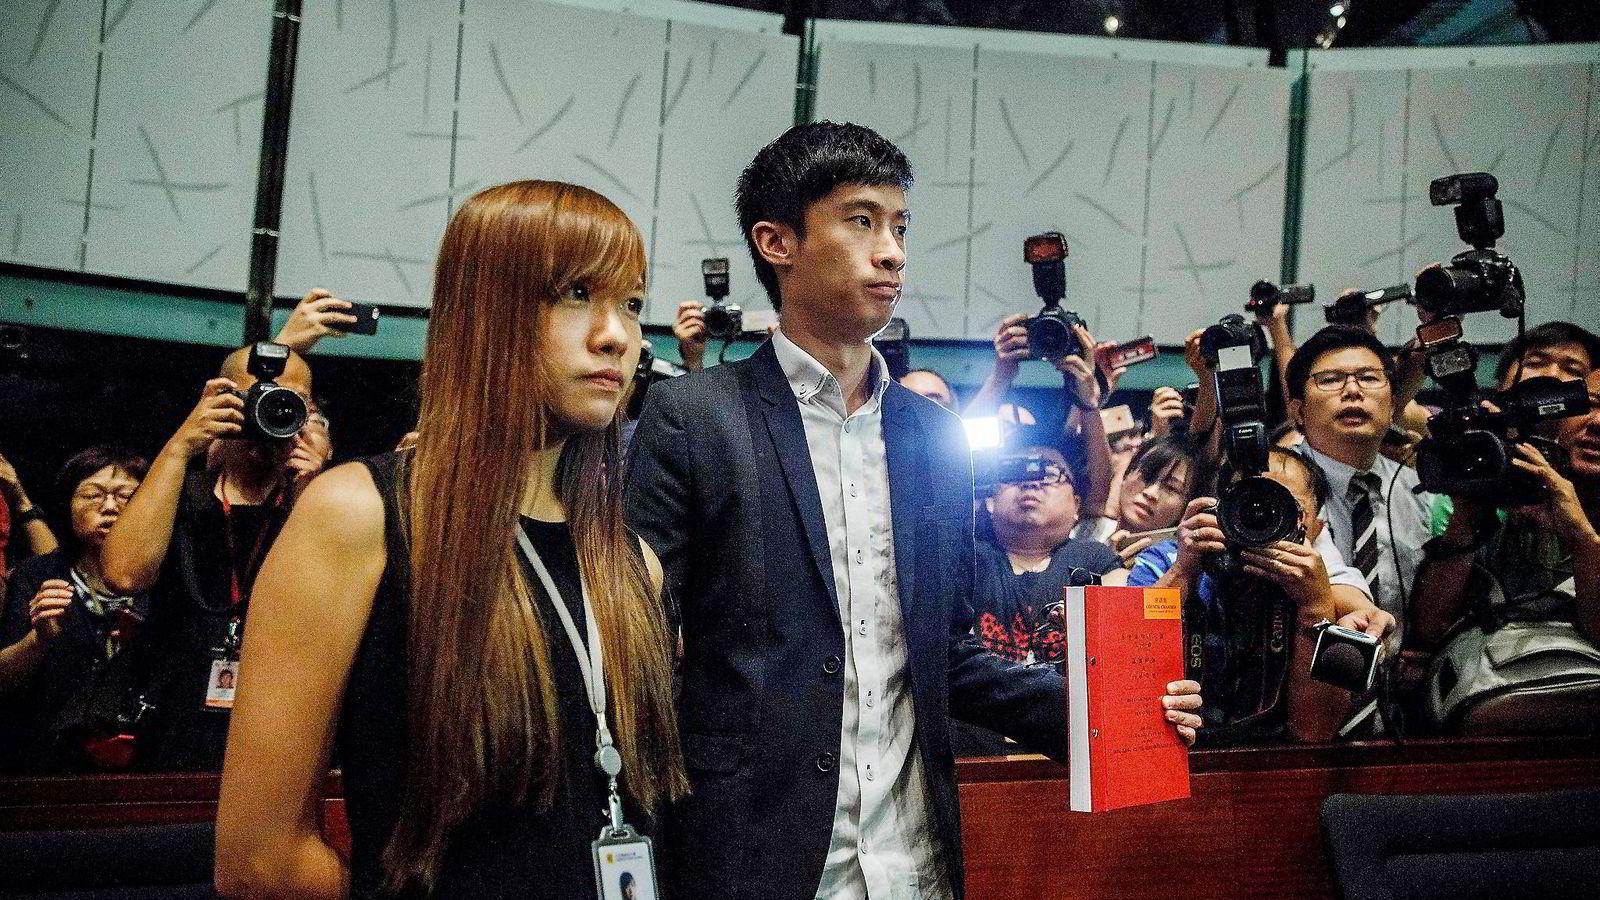 – Vi sverger troskap til nasjonen Hong Kong, sa Leung Chung-hang (til høyre) og Yau Wai-ching. Det skulle de ikke ha gjort, for nå er de utestengt fra den lovgivende forsamlingen i Hong Kong. Foto: Anthony Wallace/AFP/NTB Scanpix